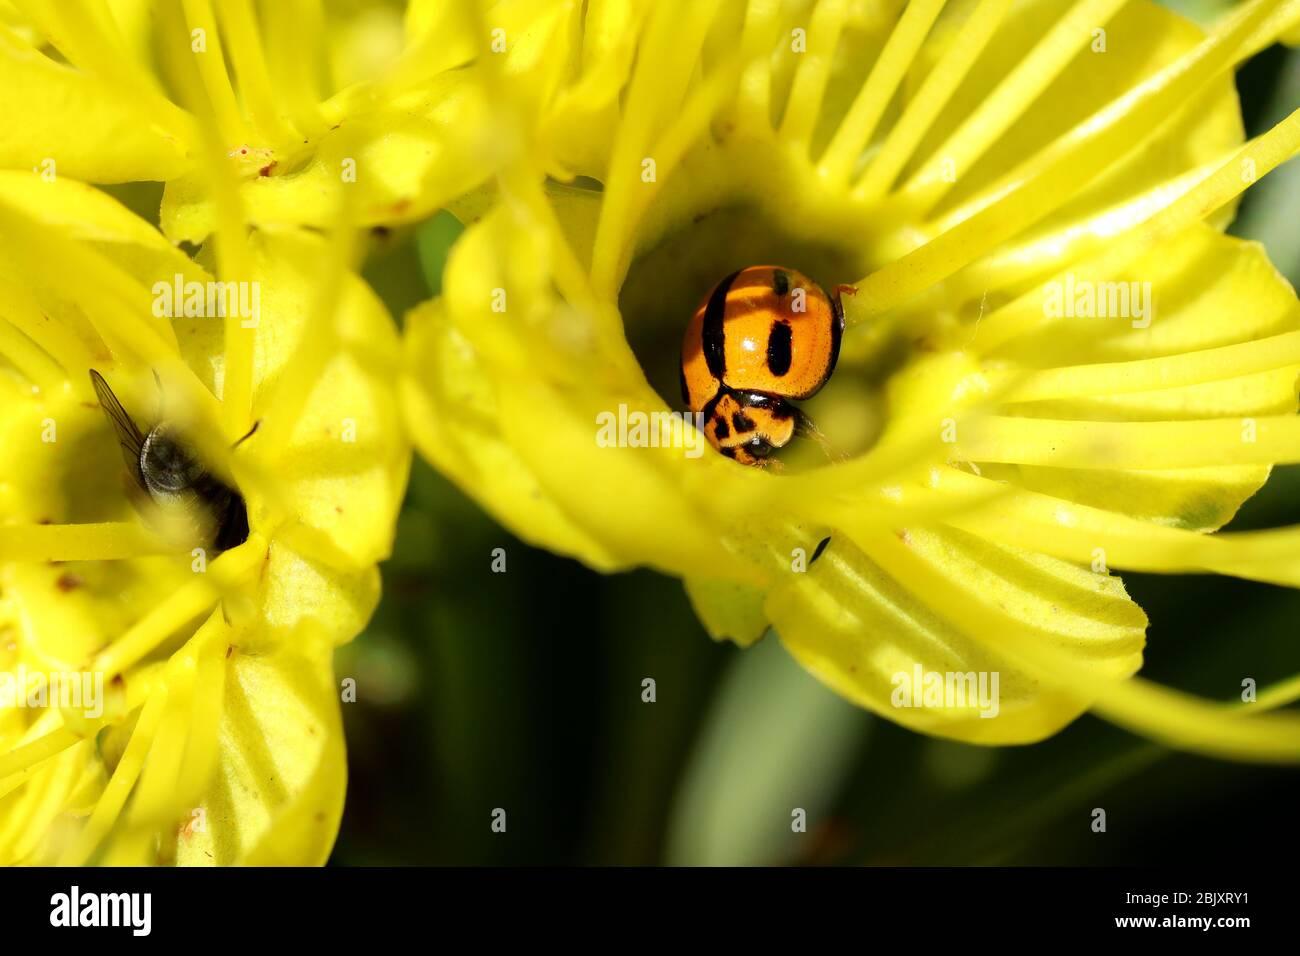 Nature en Macro: Une nibbles de coccinelle sur un nectar de cette belle fleur jaune vif à l'extérieur dans le jardin, un matin chaud de printemps. Banque D'Images